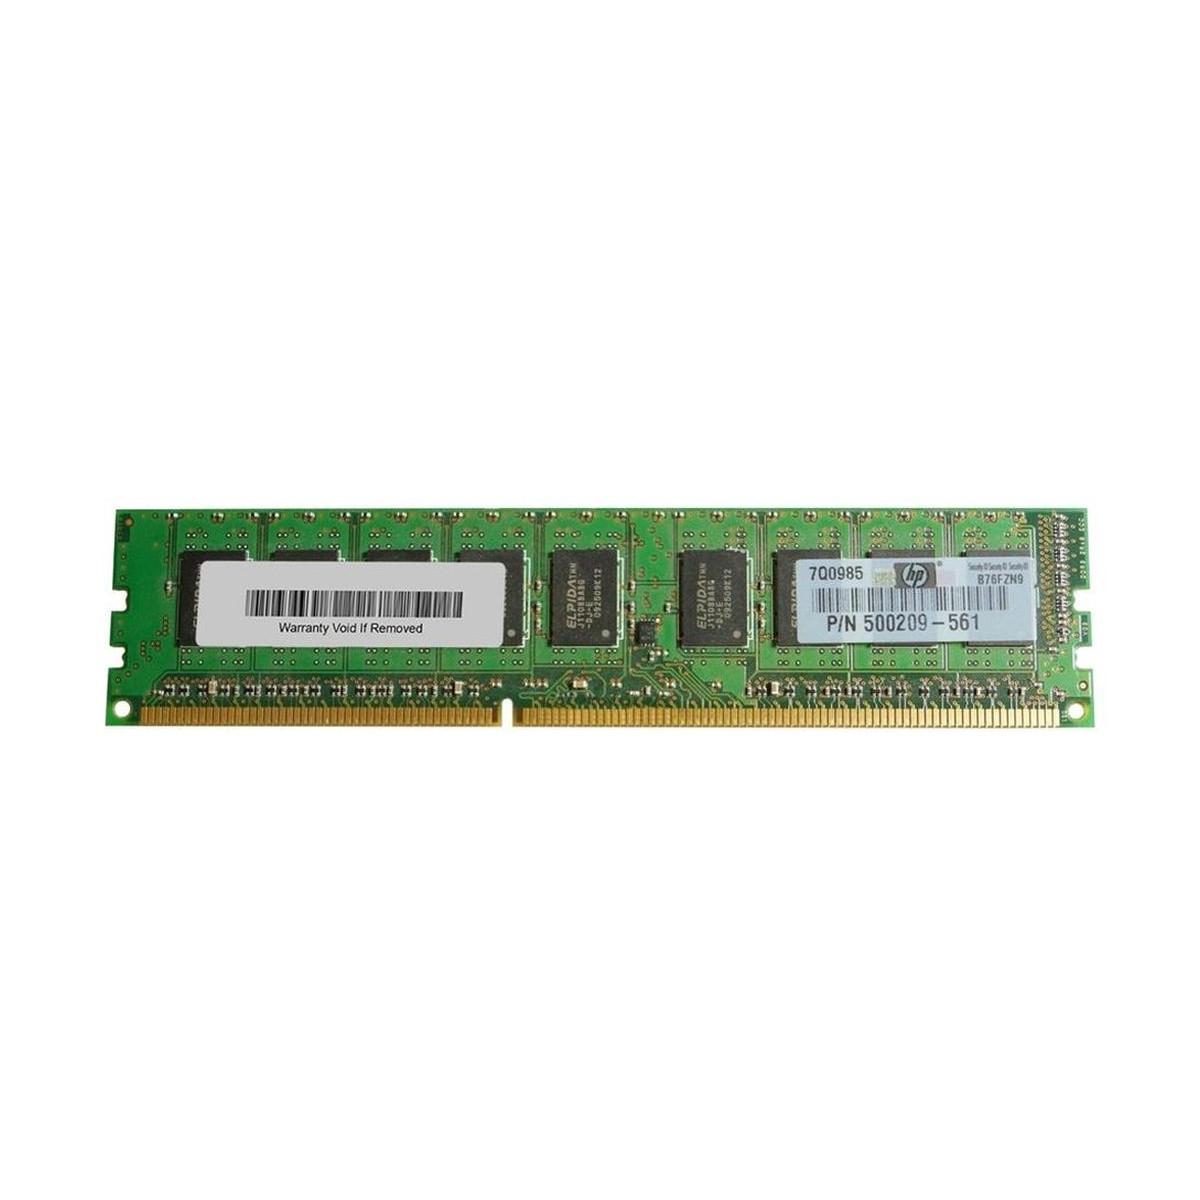 PAMIEC HP 2GB 2Rx8 PC3-10600E-9 500209-061